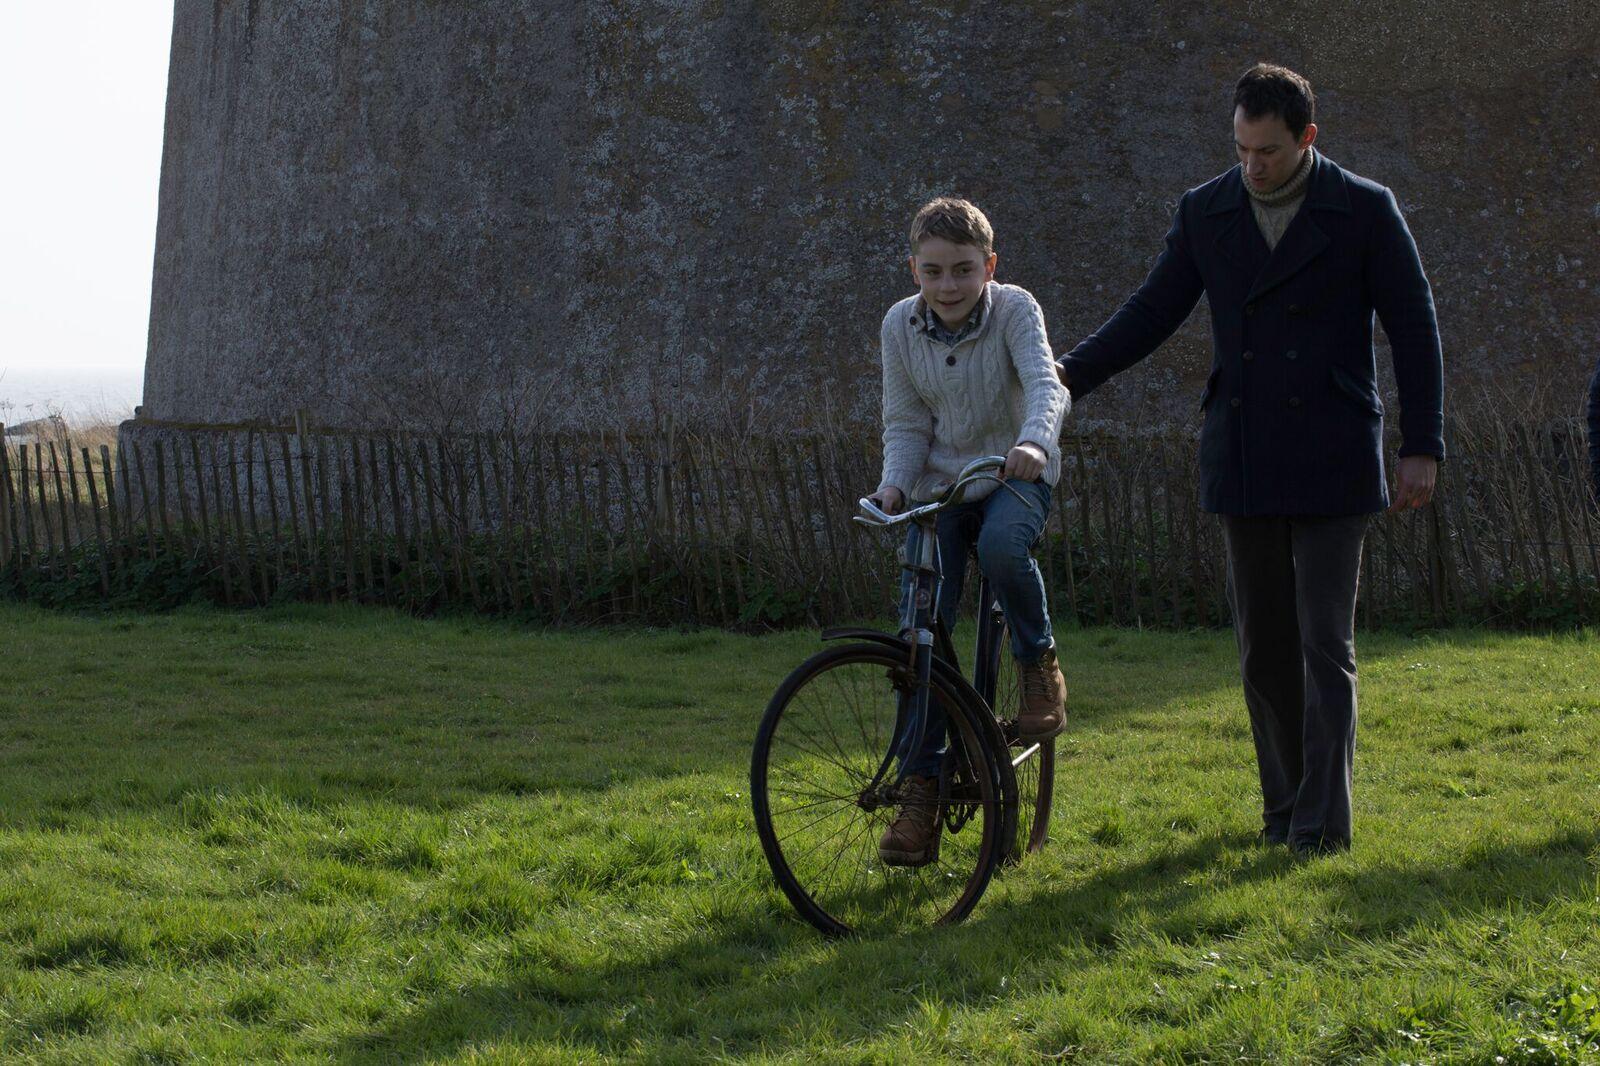 David_Jamie_bike